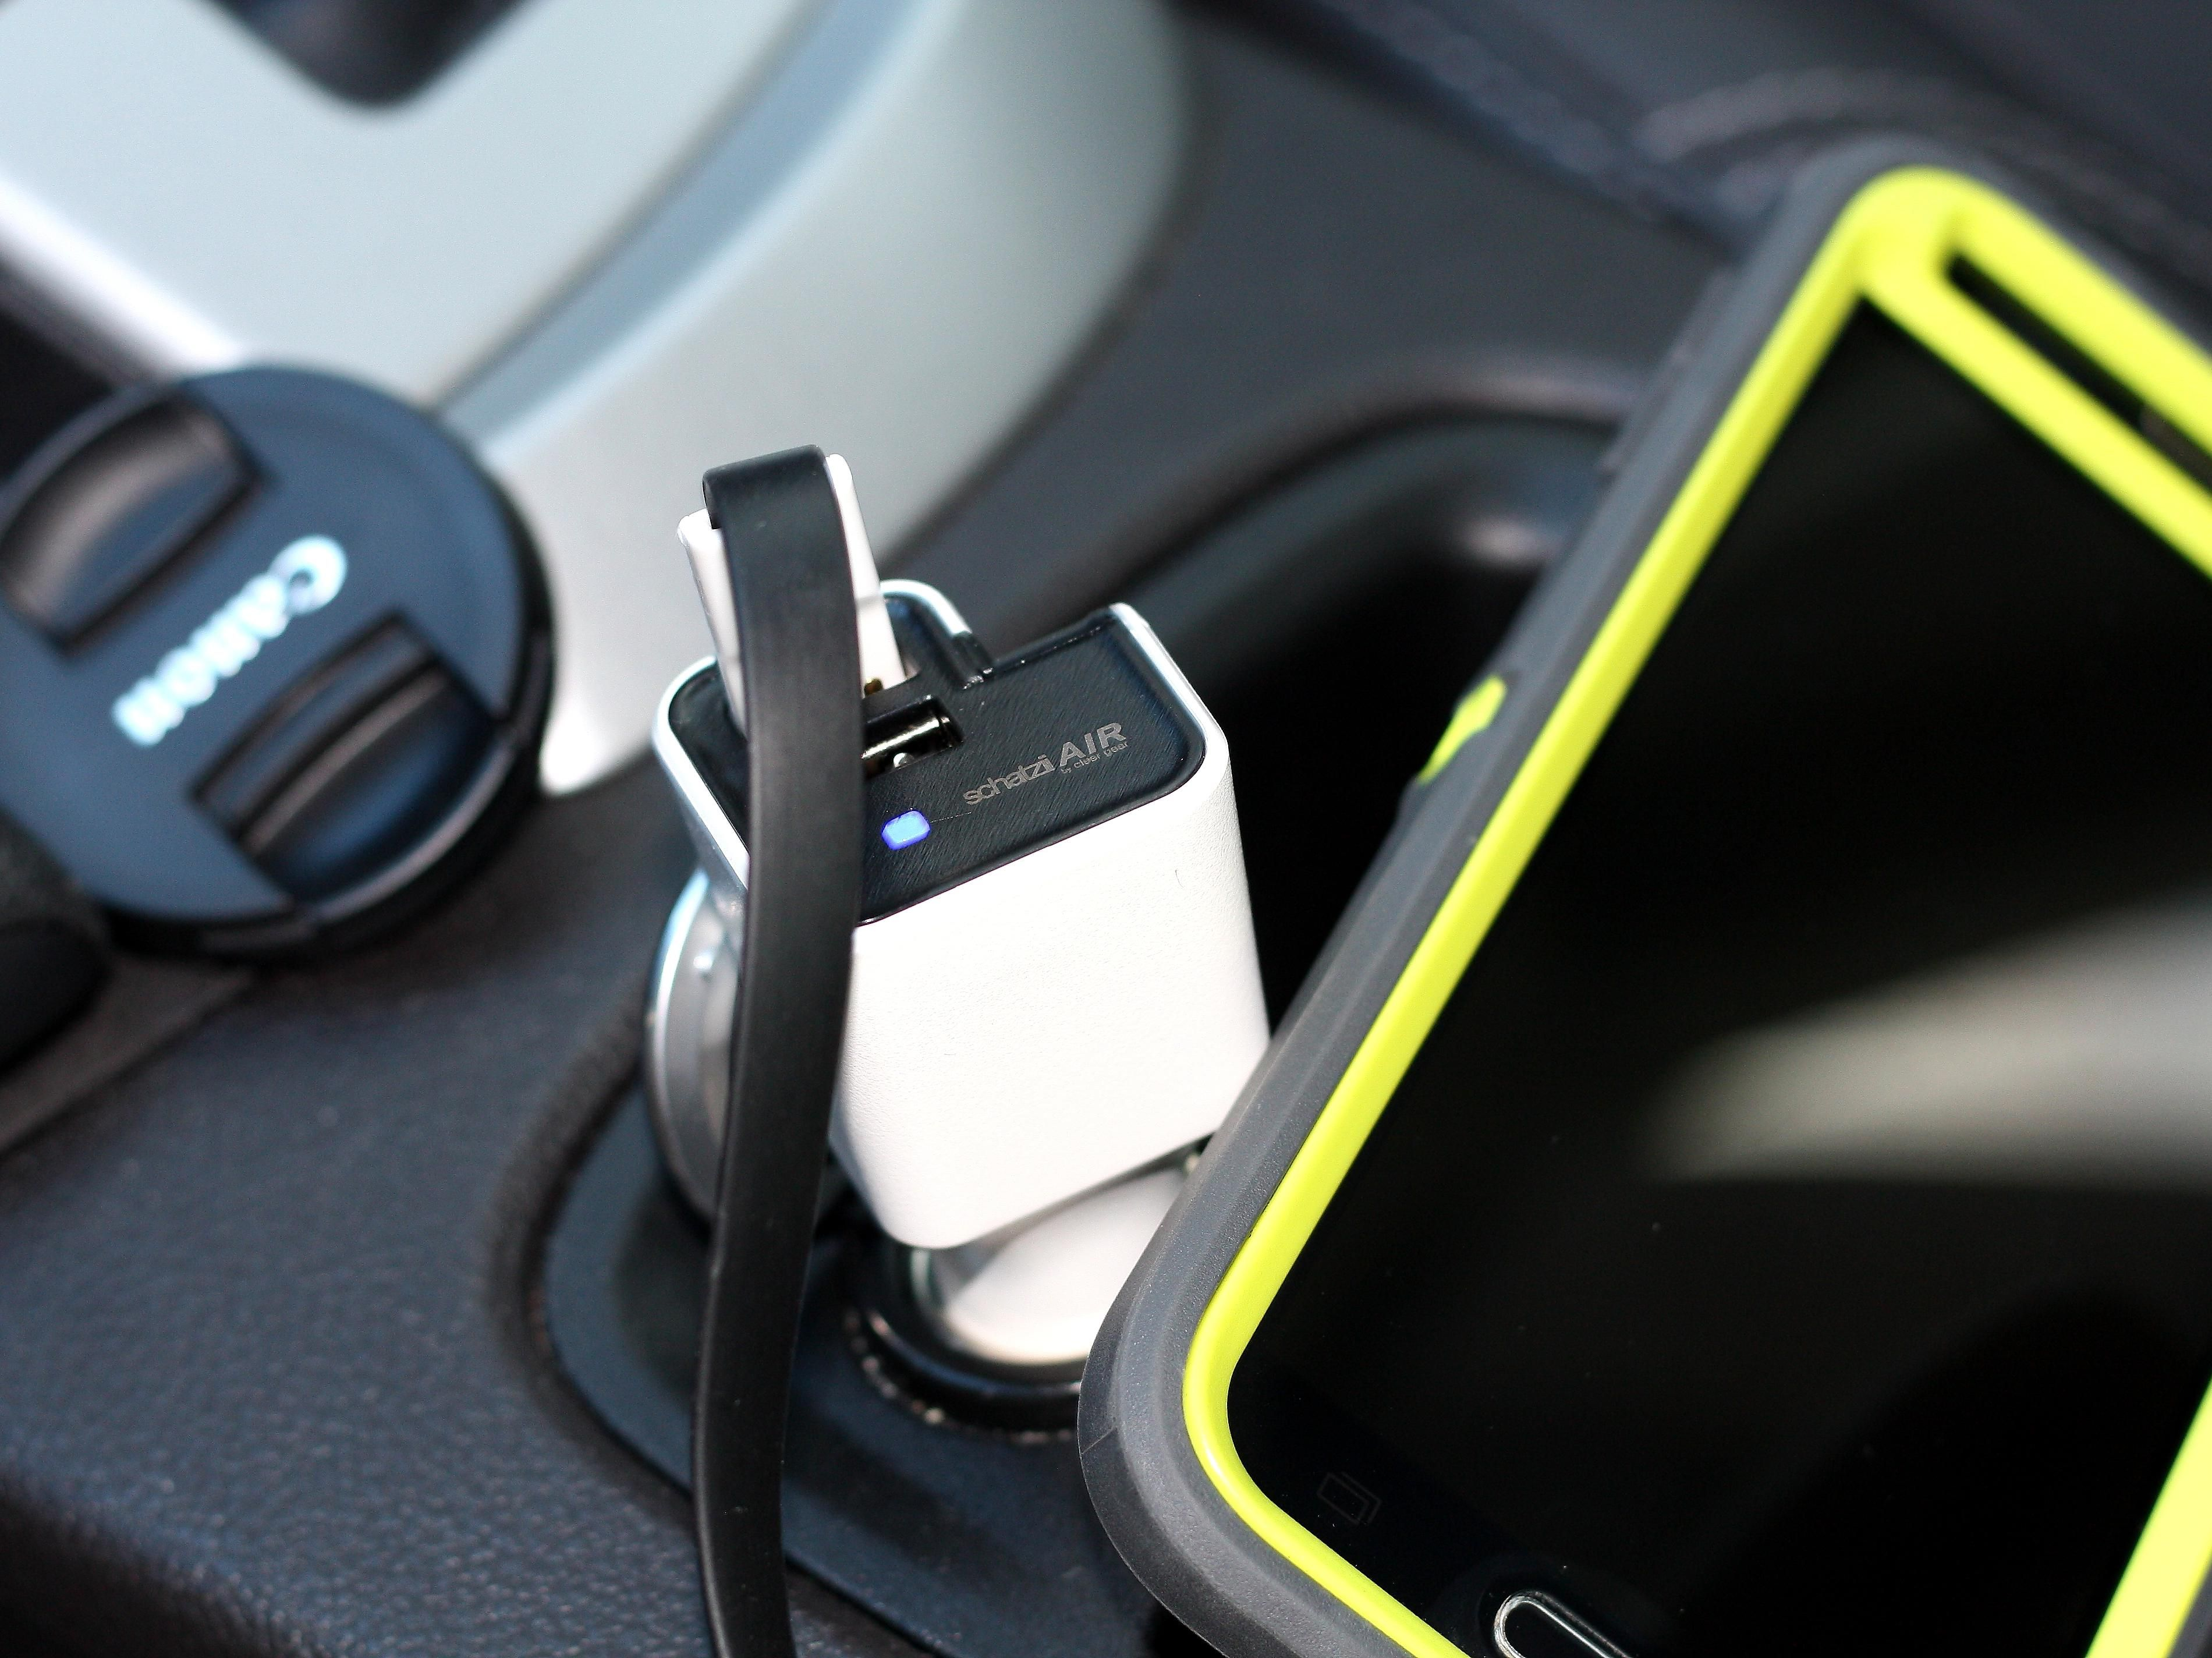 Air Ionic Car Air Purifier & Dual USB Car Charger Car